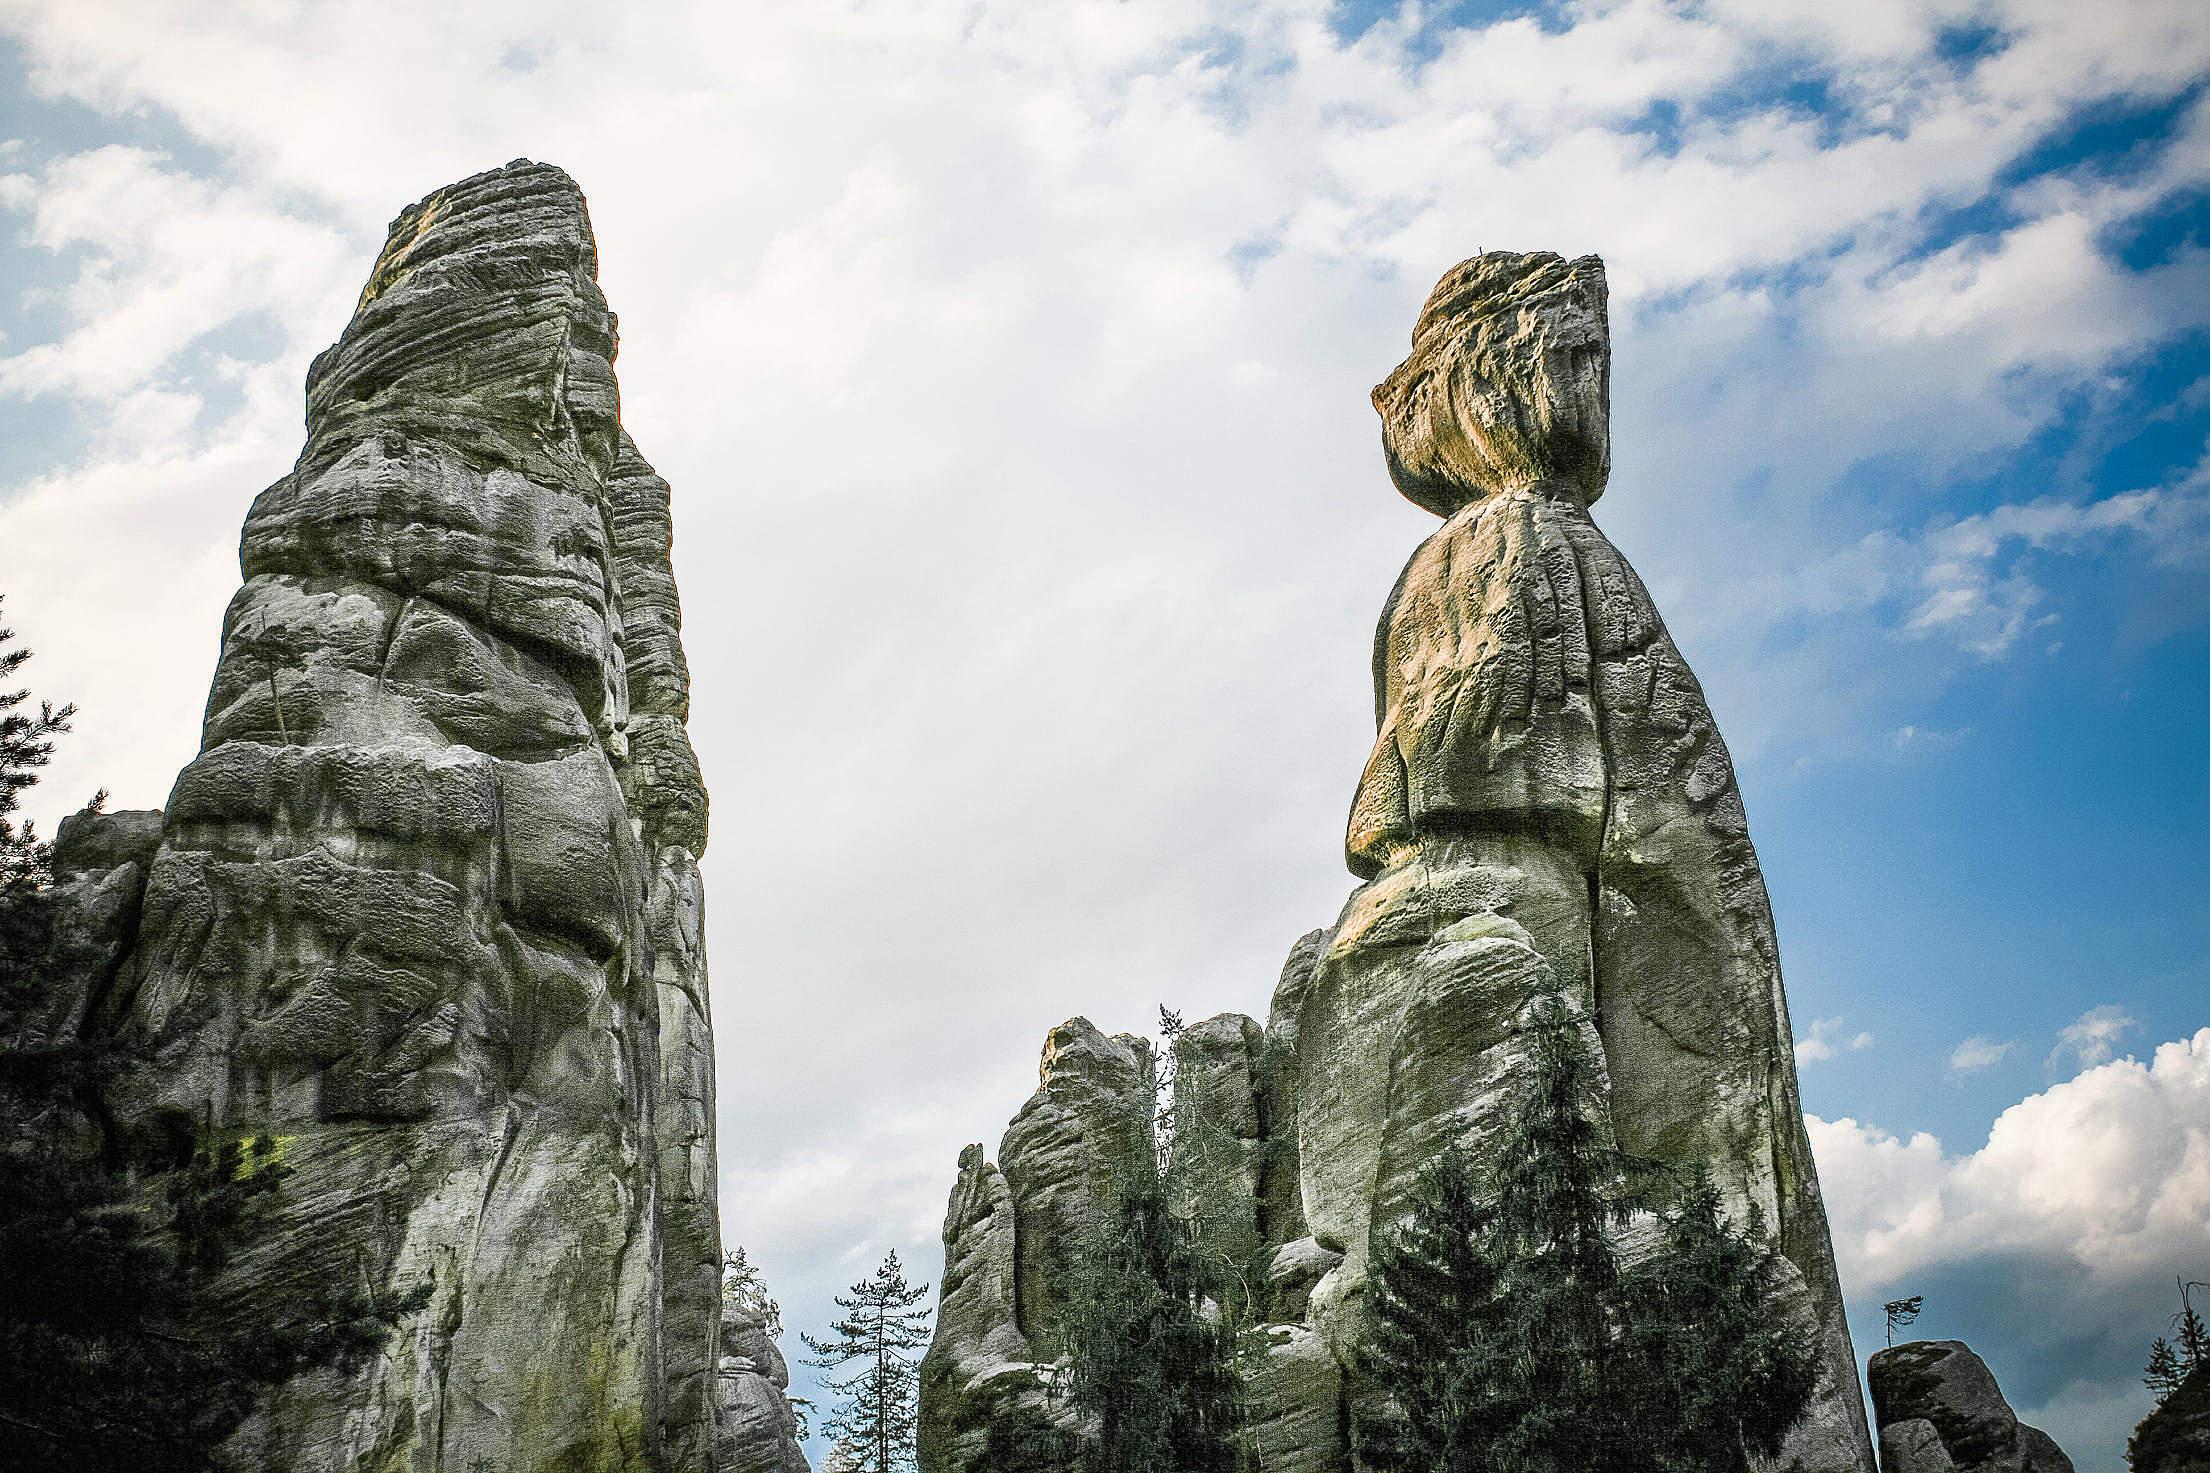 Adrspach-Teplice Rocks in Czech Republic Free Stock Photo